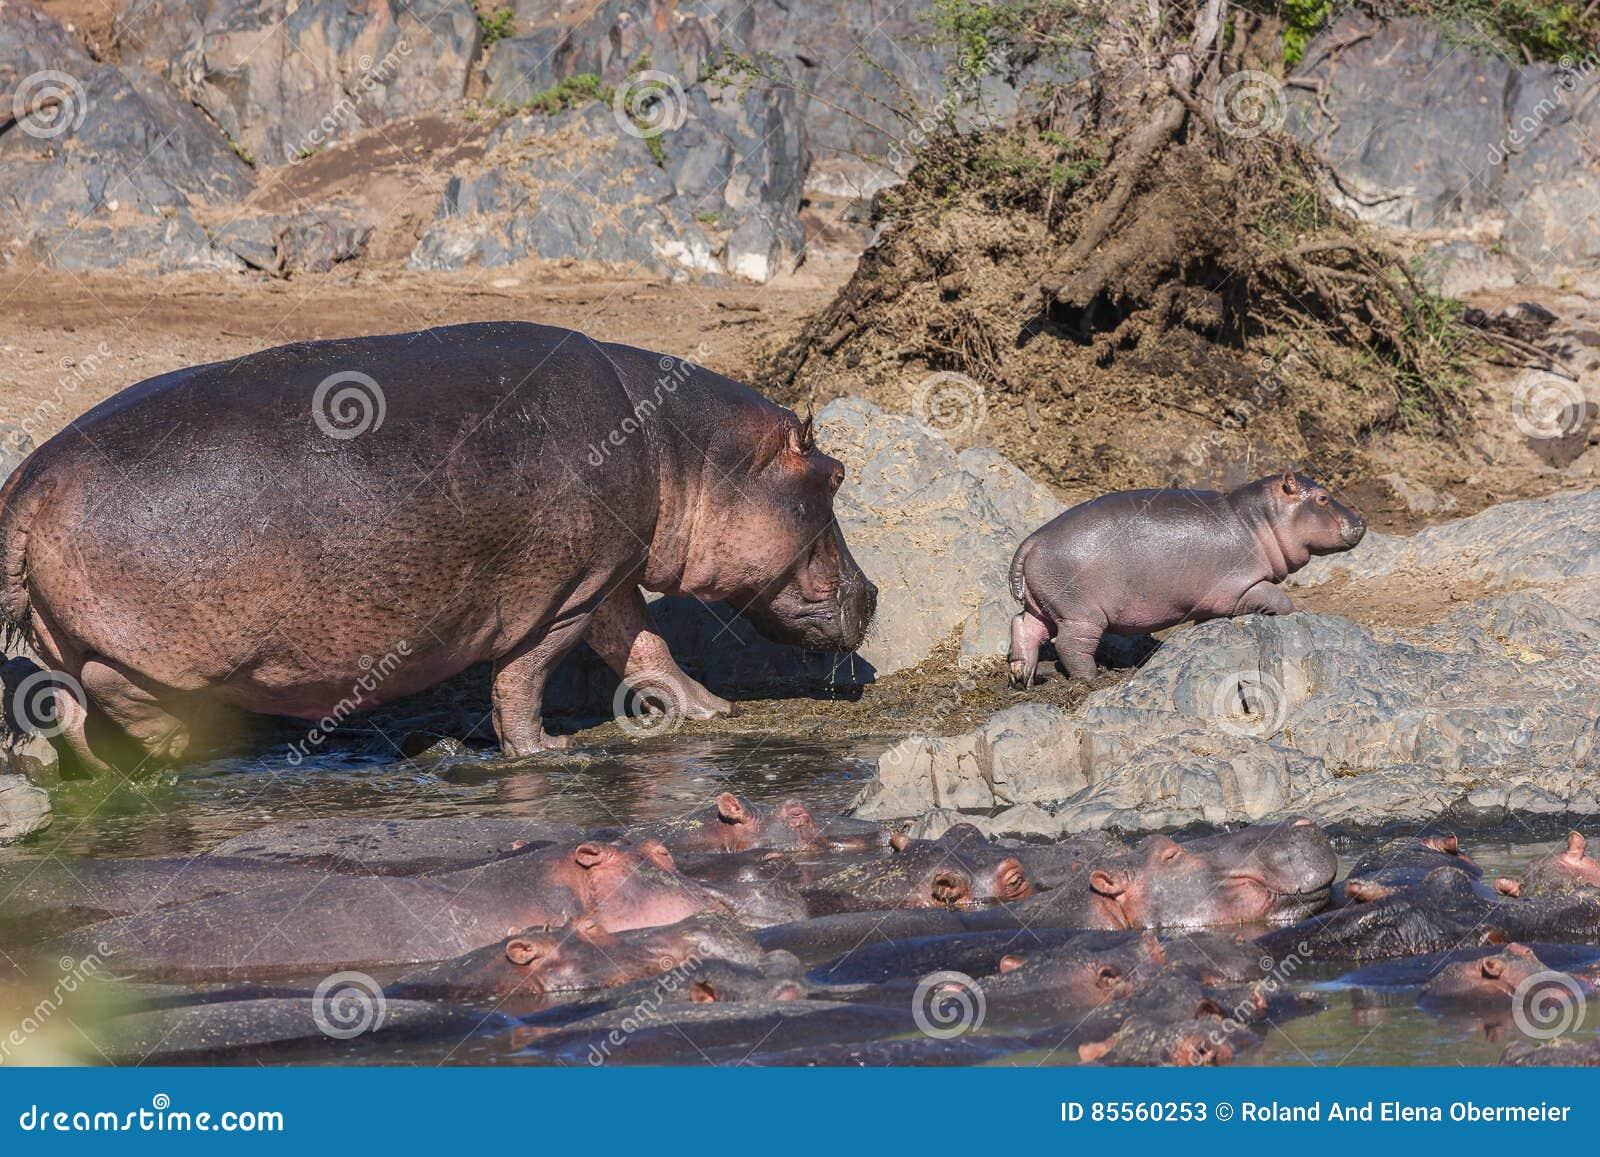 Mamy und Baby-Flusspferd, das spazierengeht